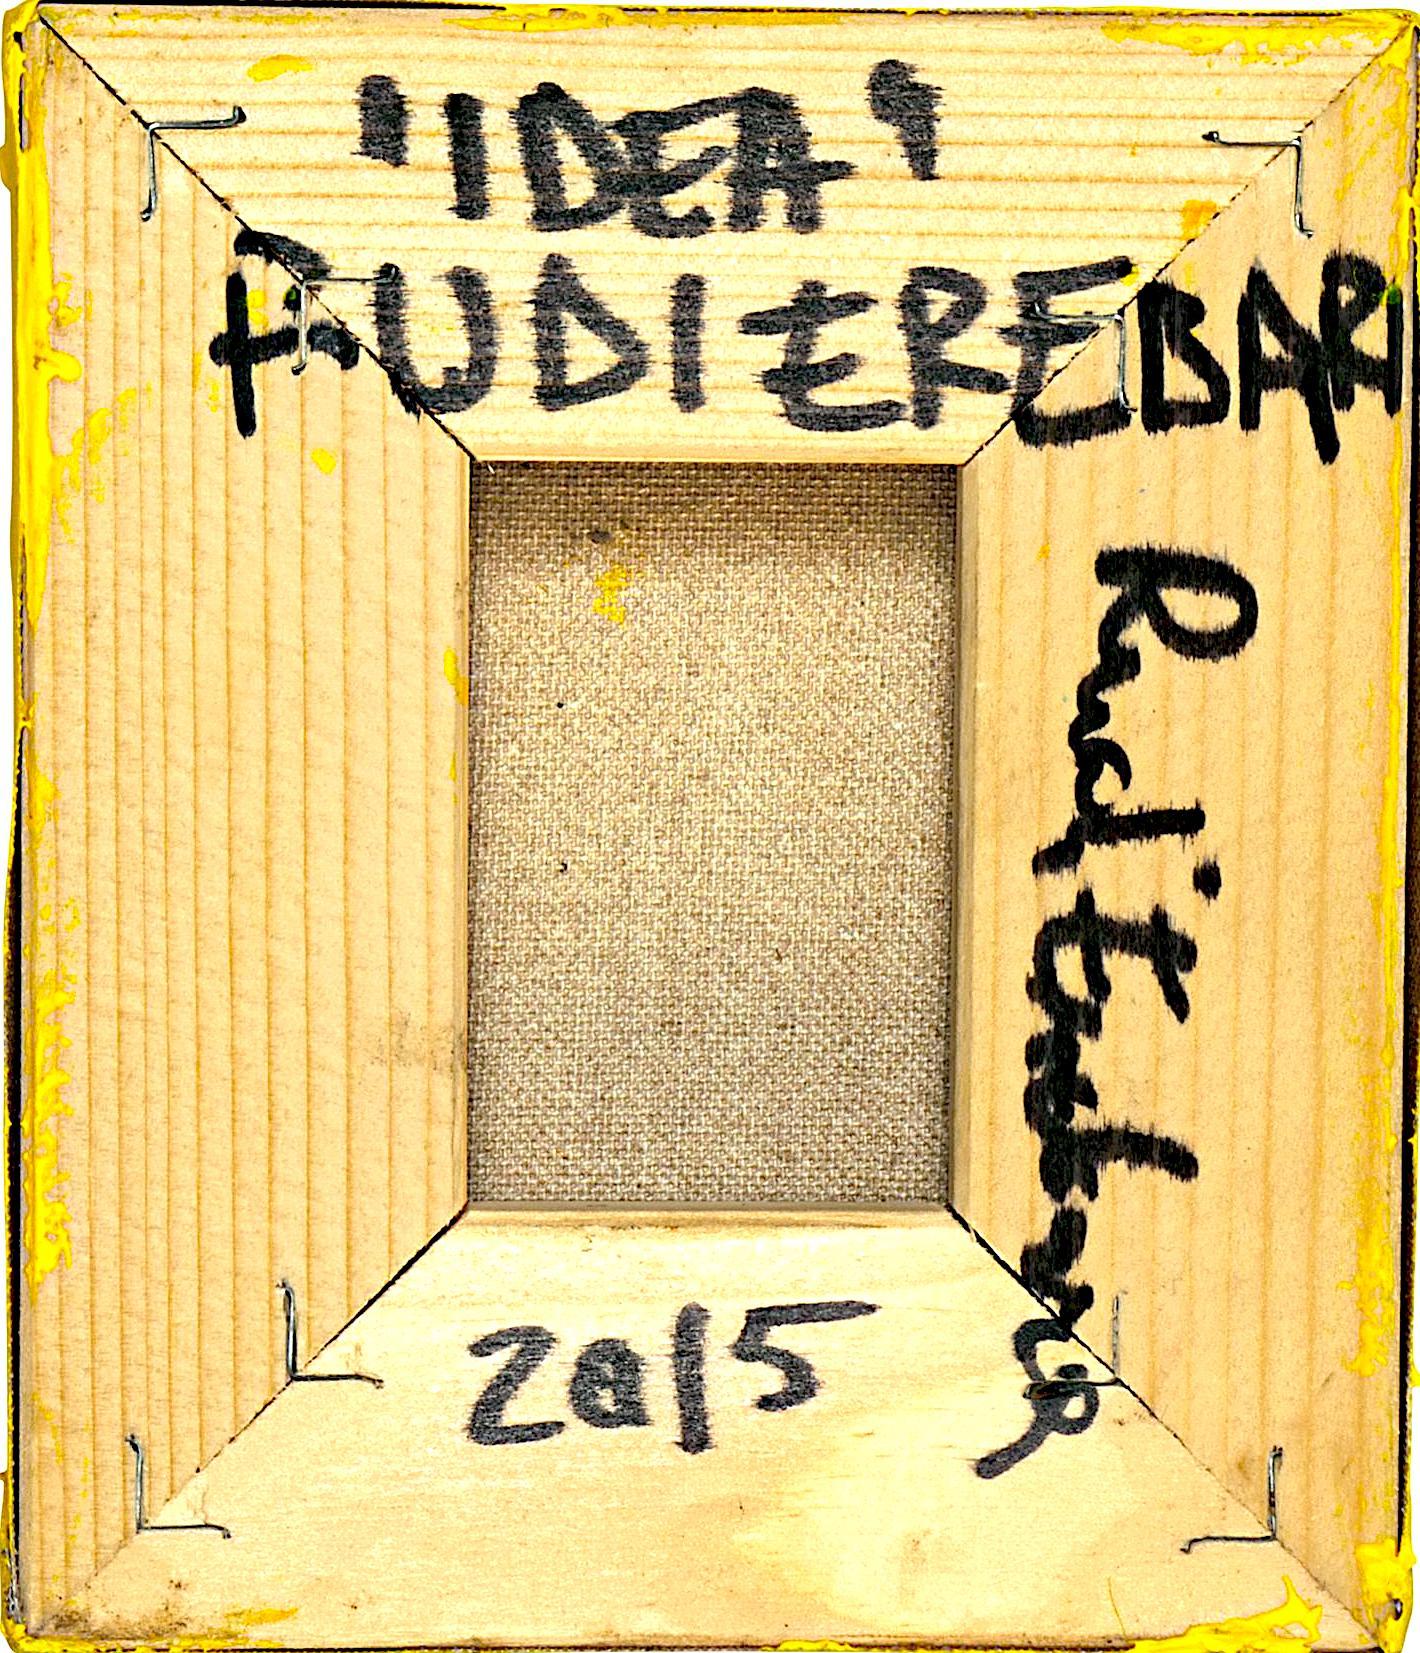 Rudi Erebara - Front